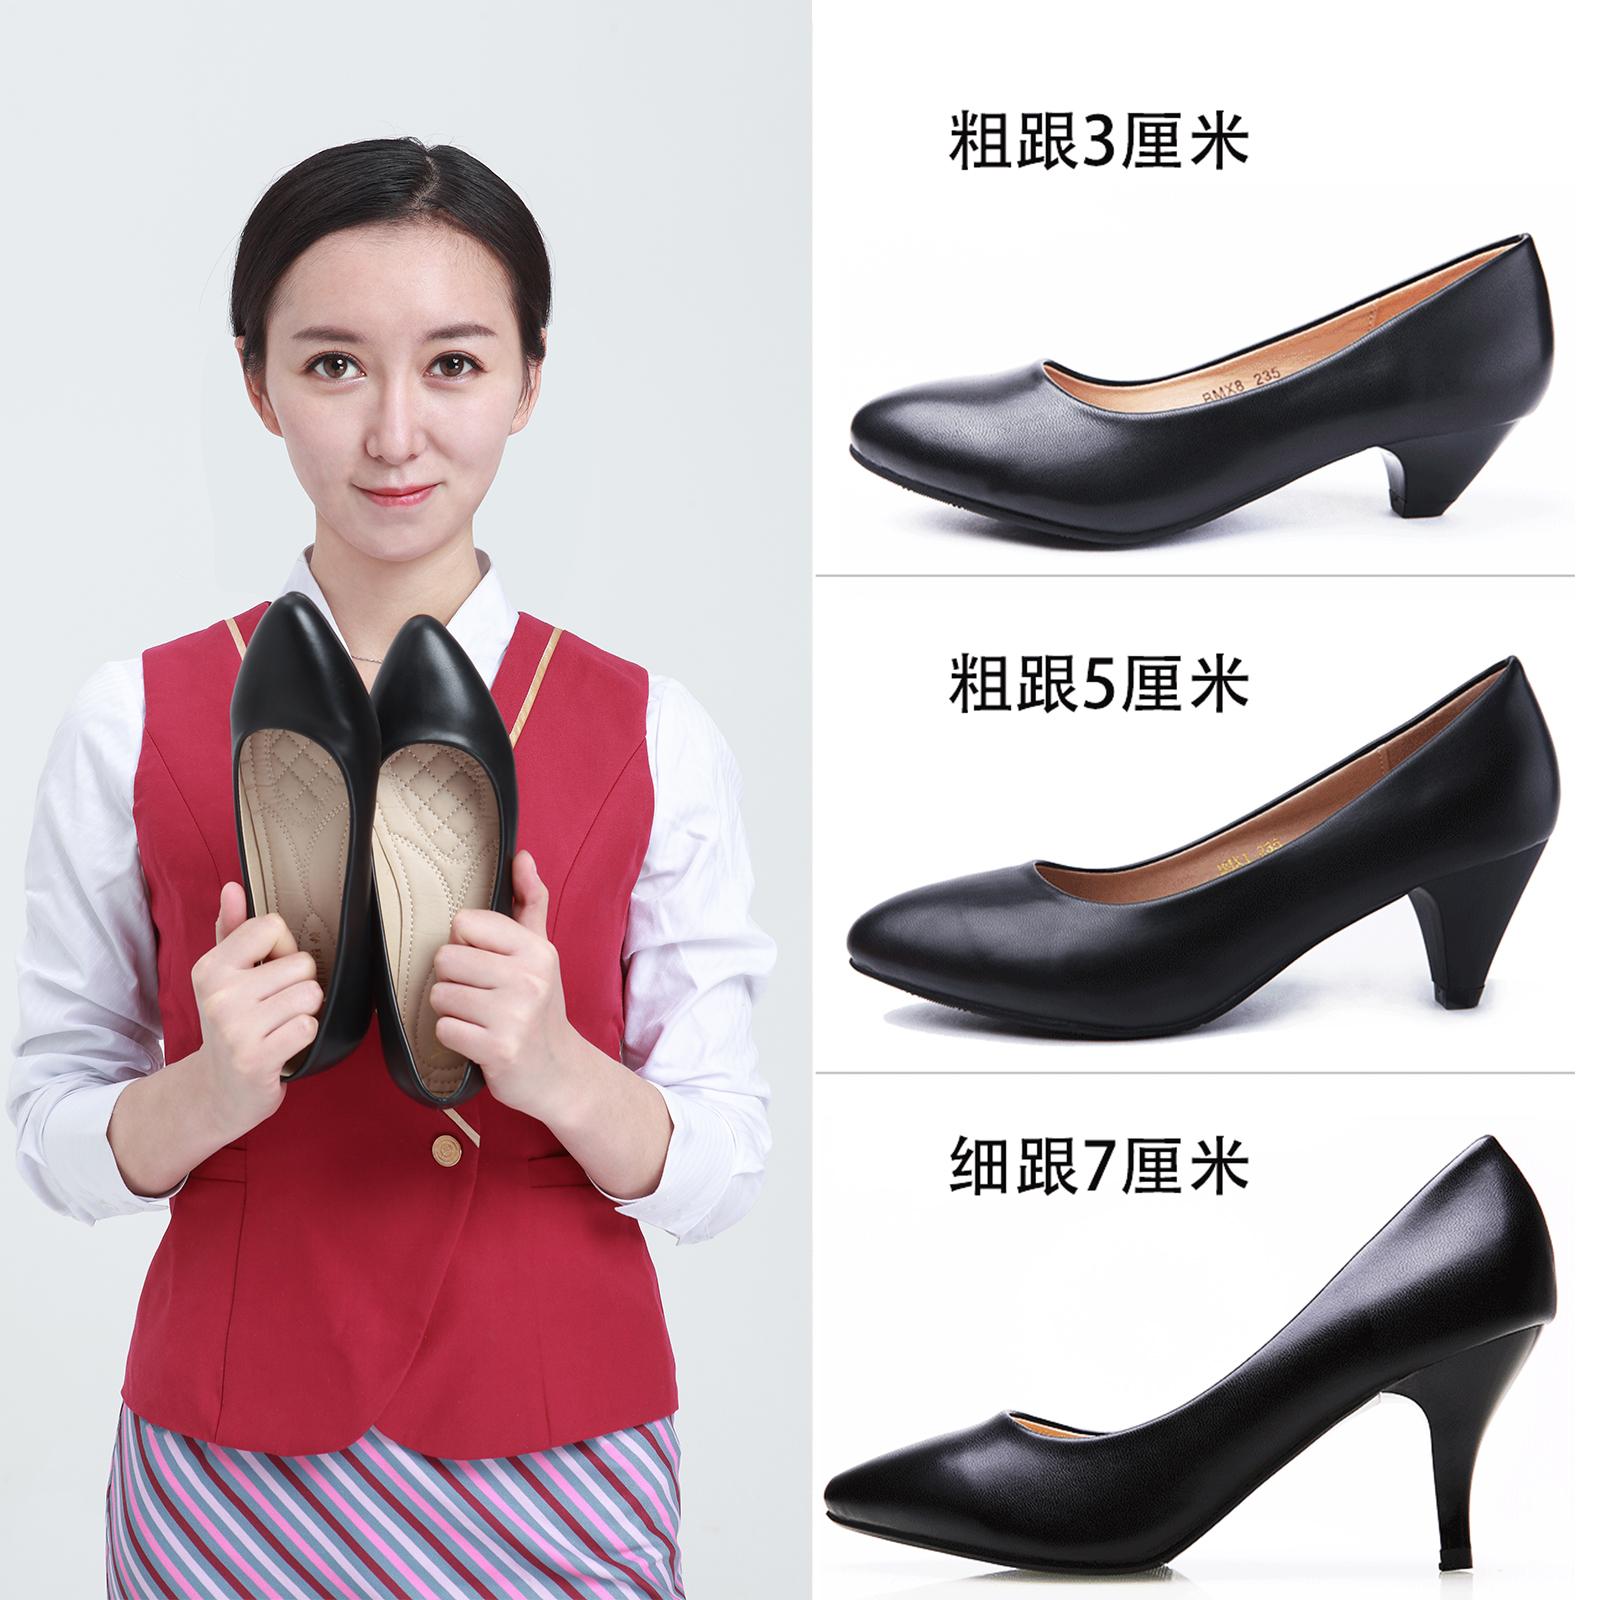 春秋中跟黑色尖头高跟鞋女黑色皮鞋优雅职业单鞋女正装大码工作鞋